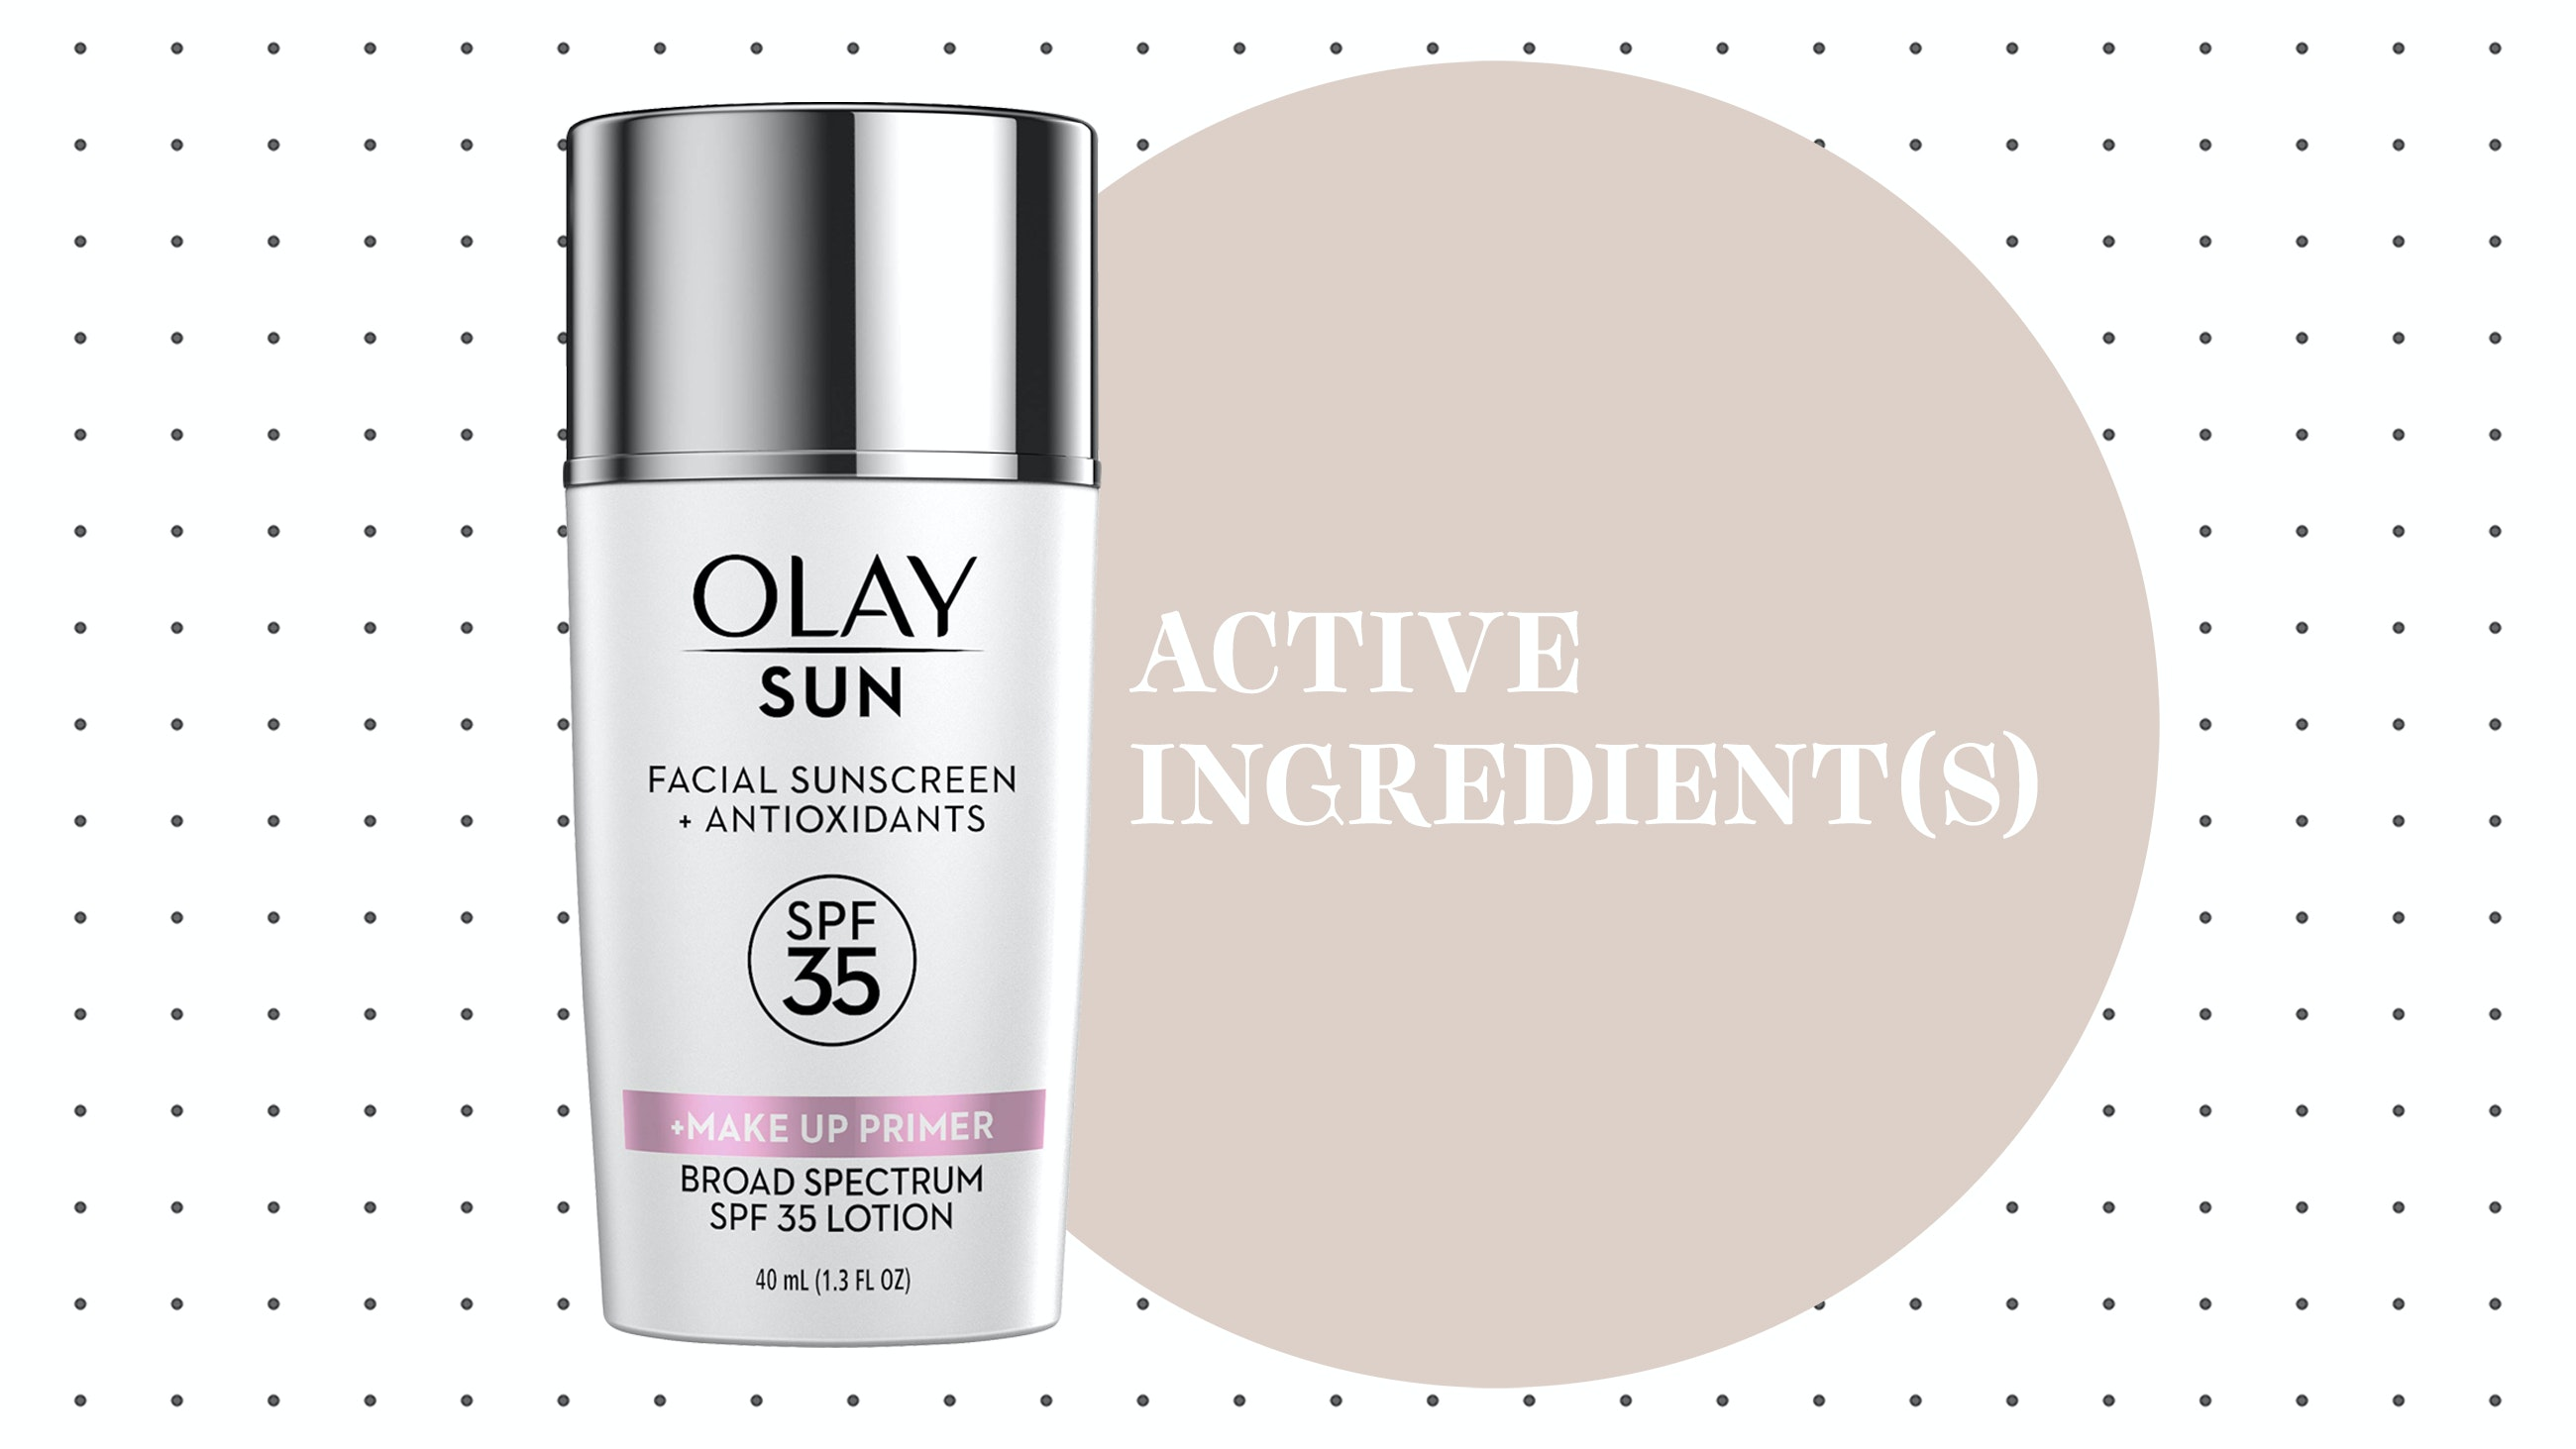 Olay Sun Facial Sunscreen + Antioxidants SPF 35